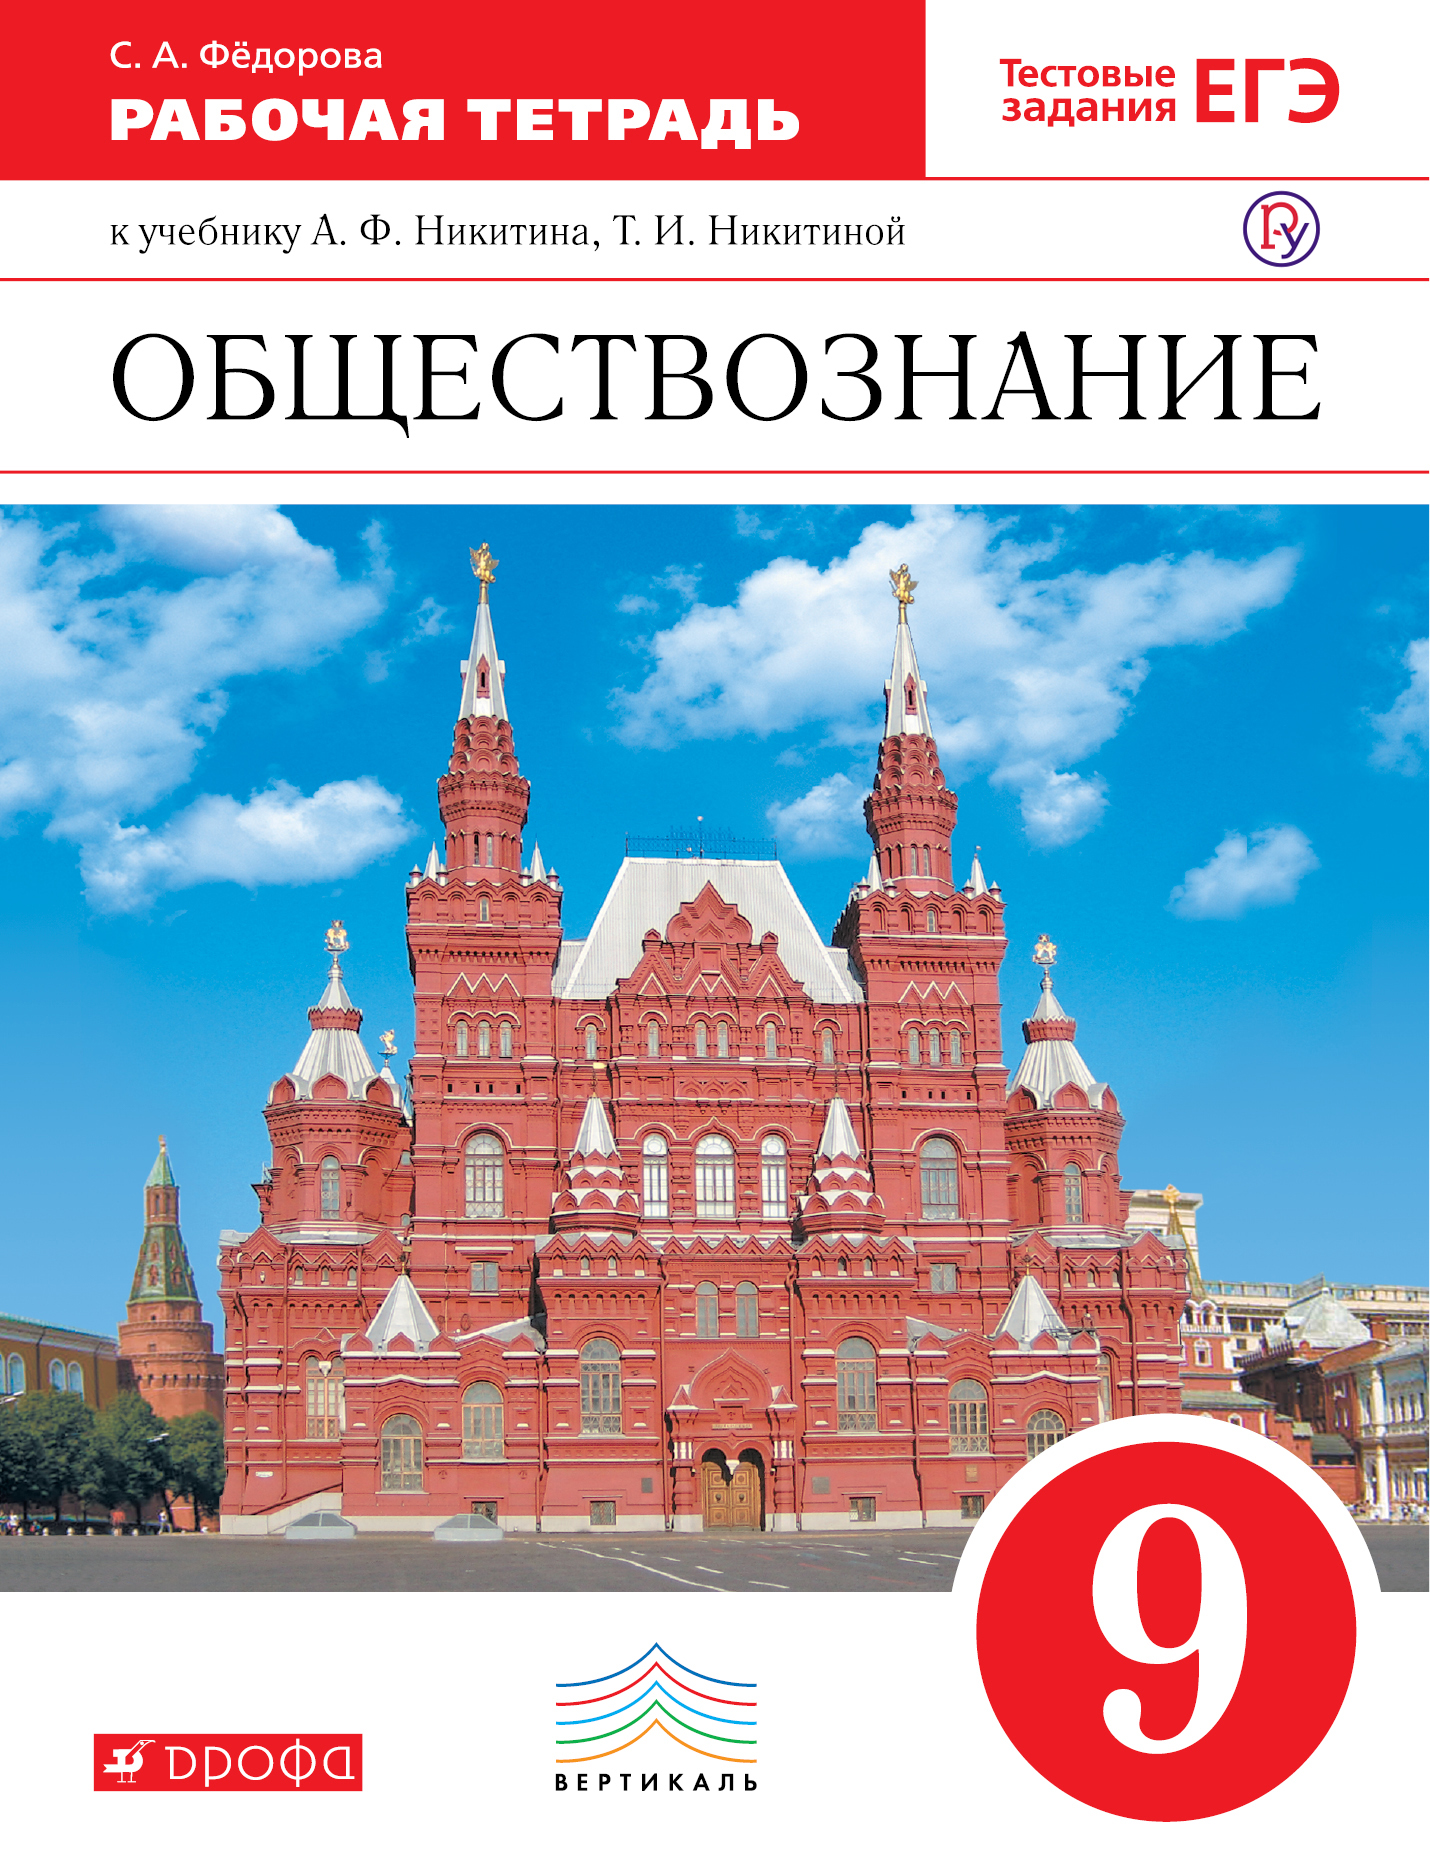 Обществознание. 9 класс. Рабочая тетрадь. от book24.ru